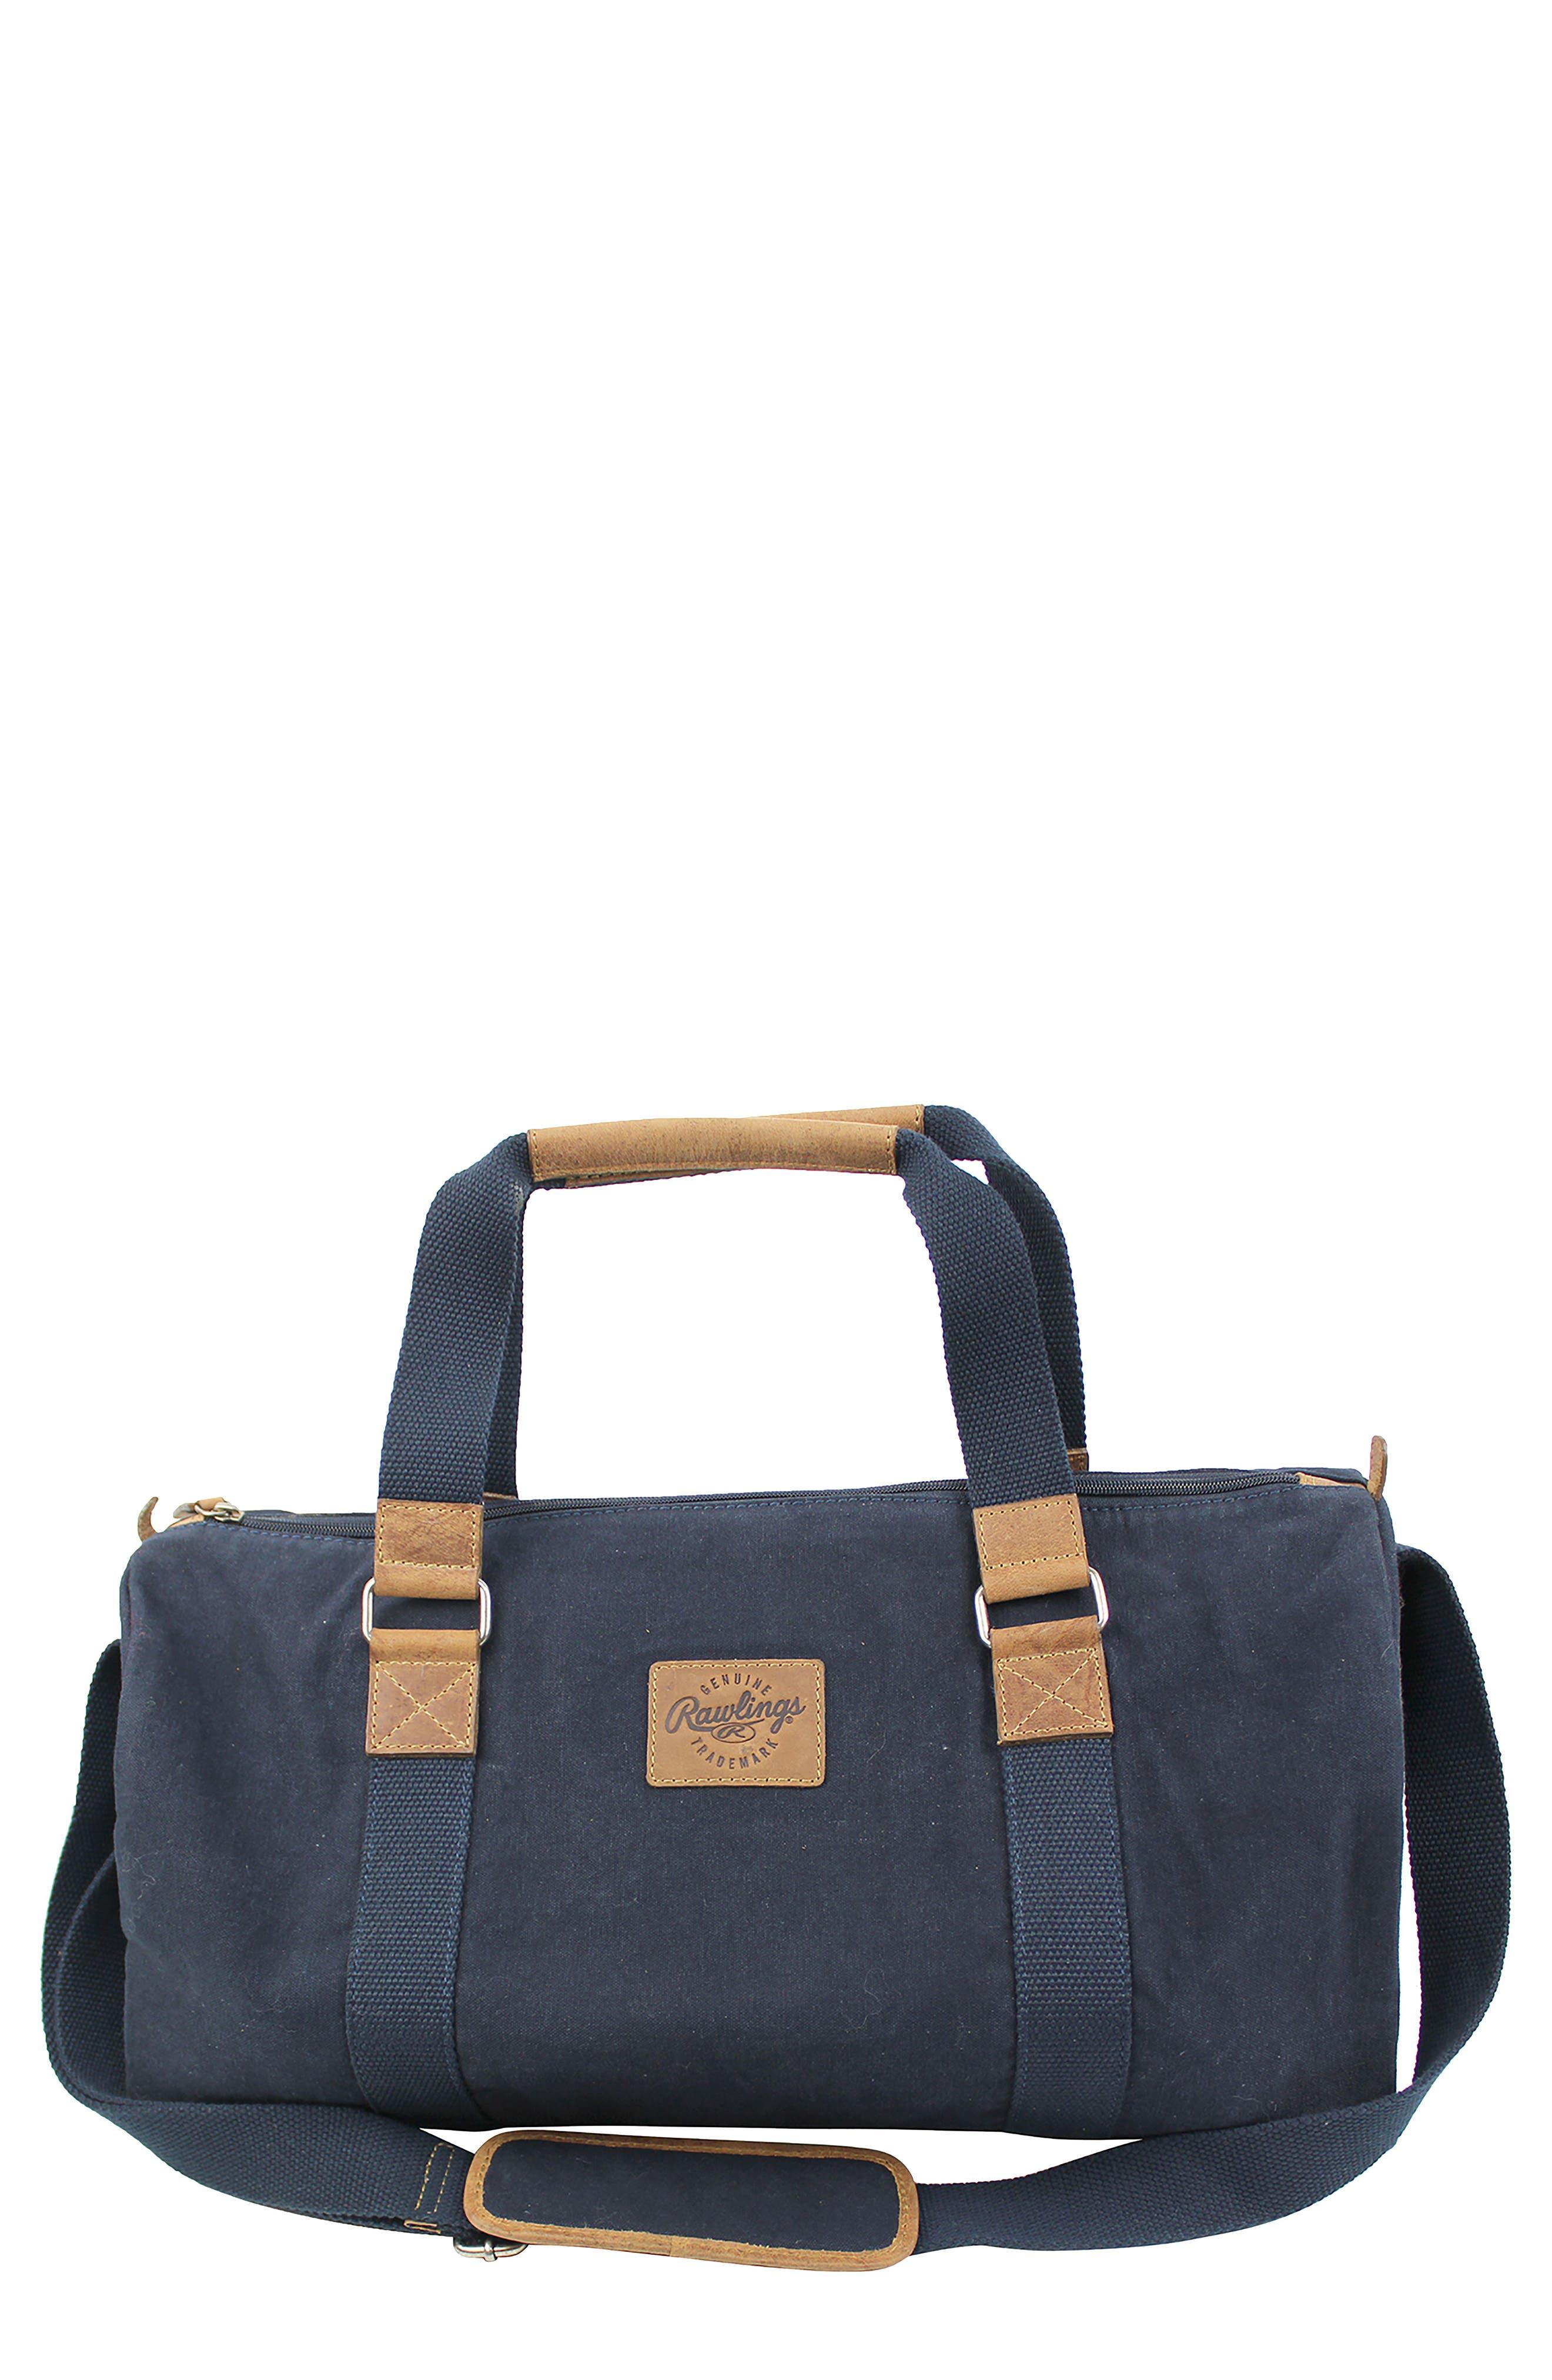 RAWLINGS Canvas Duffel Bag